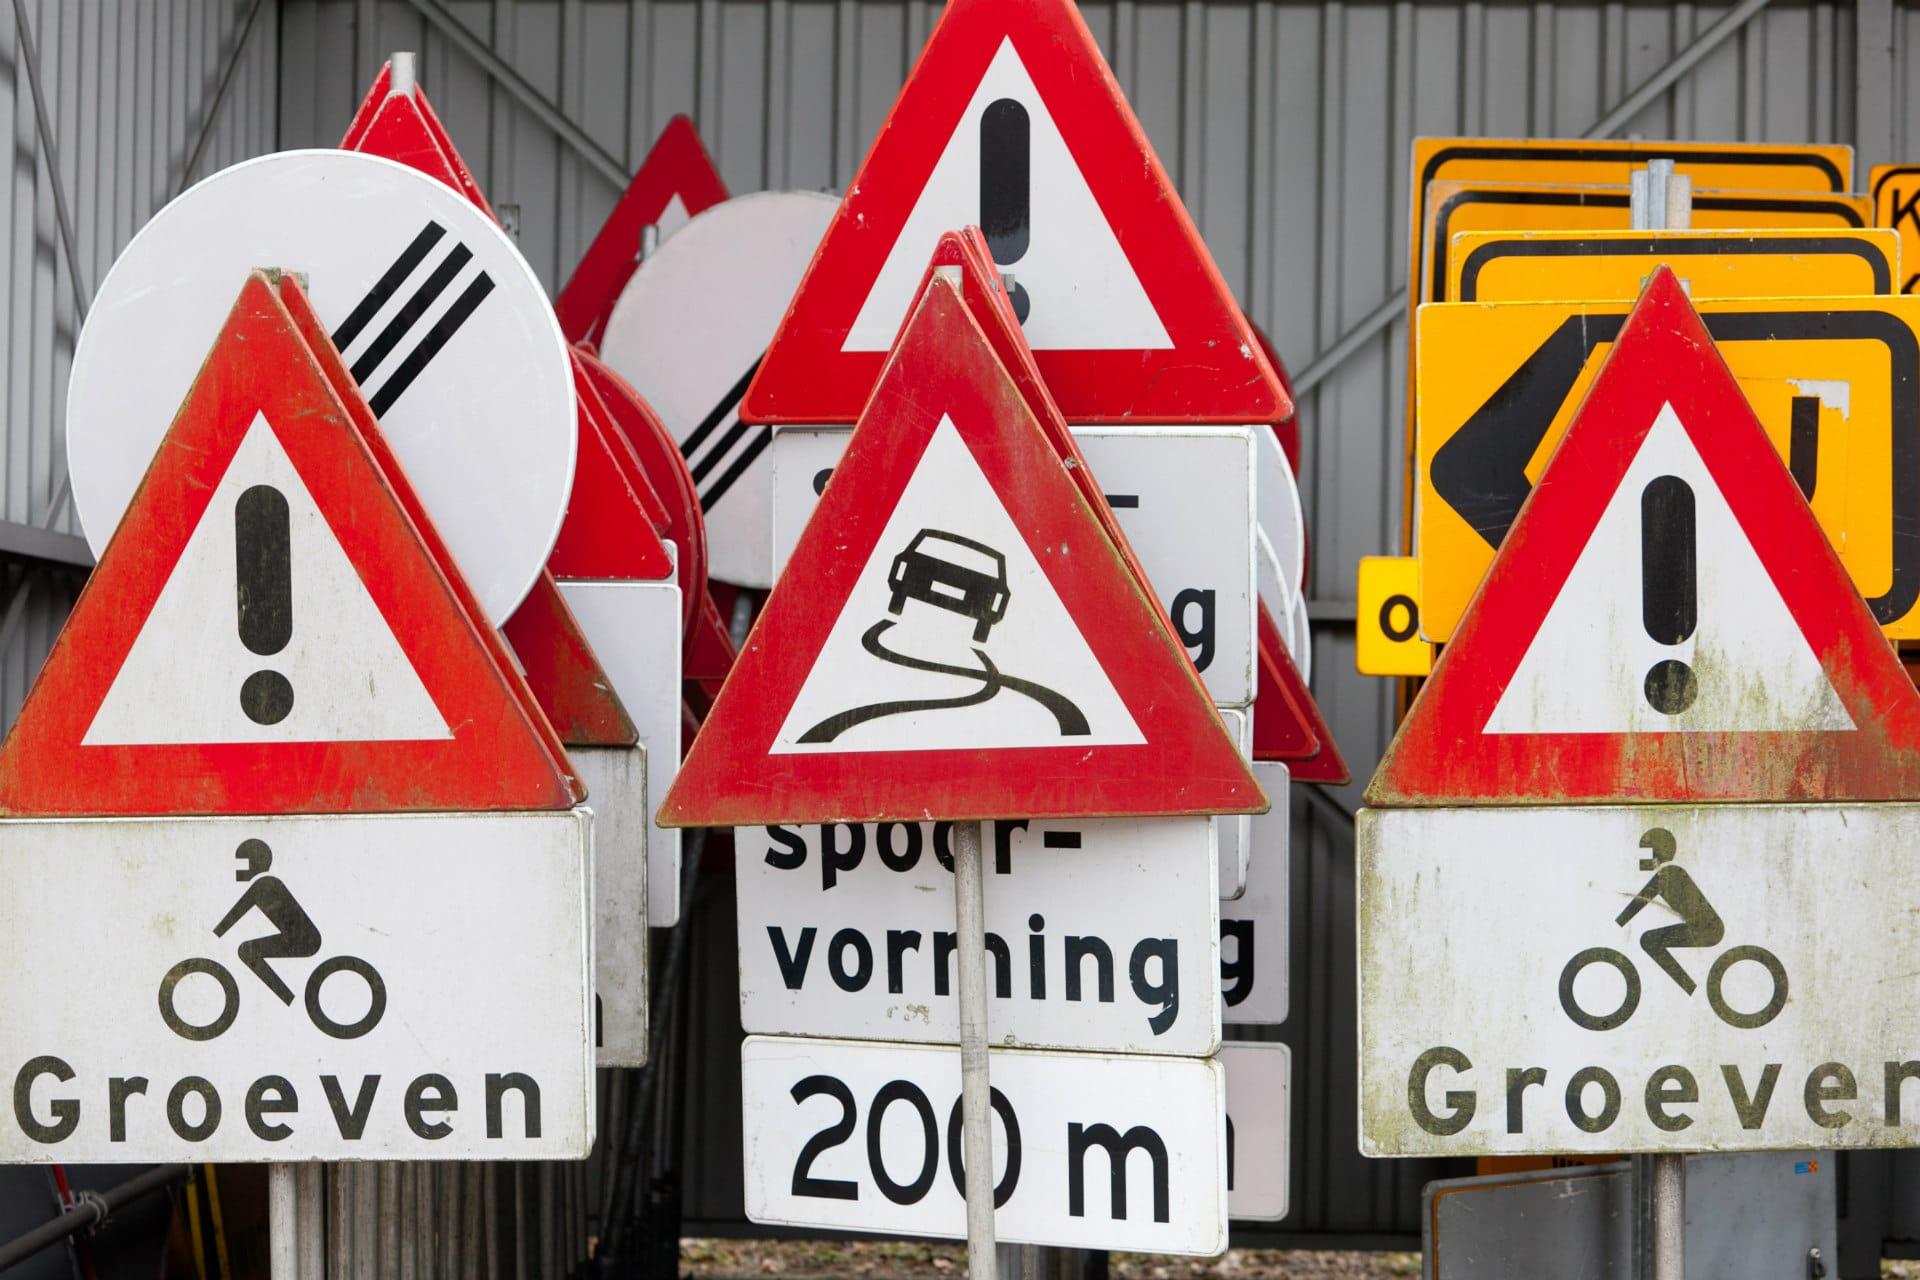 Verkeersborden in opslag - foto: Joep van Rheenen